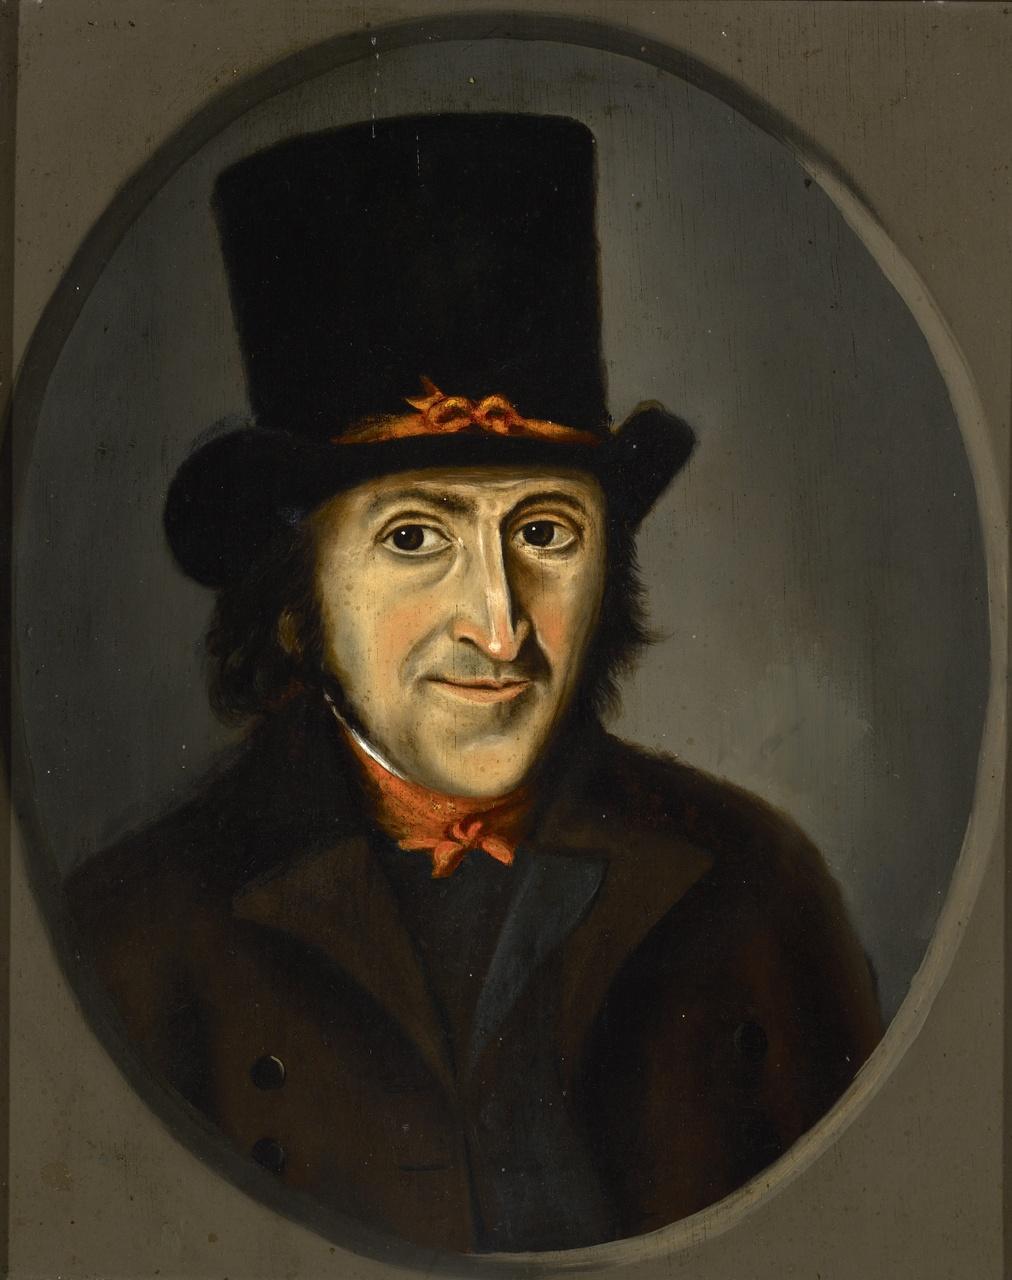 Mansportret van Jan Mulder, Anoniem